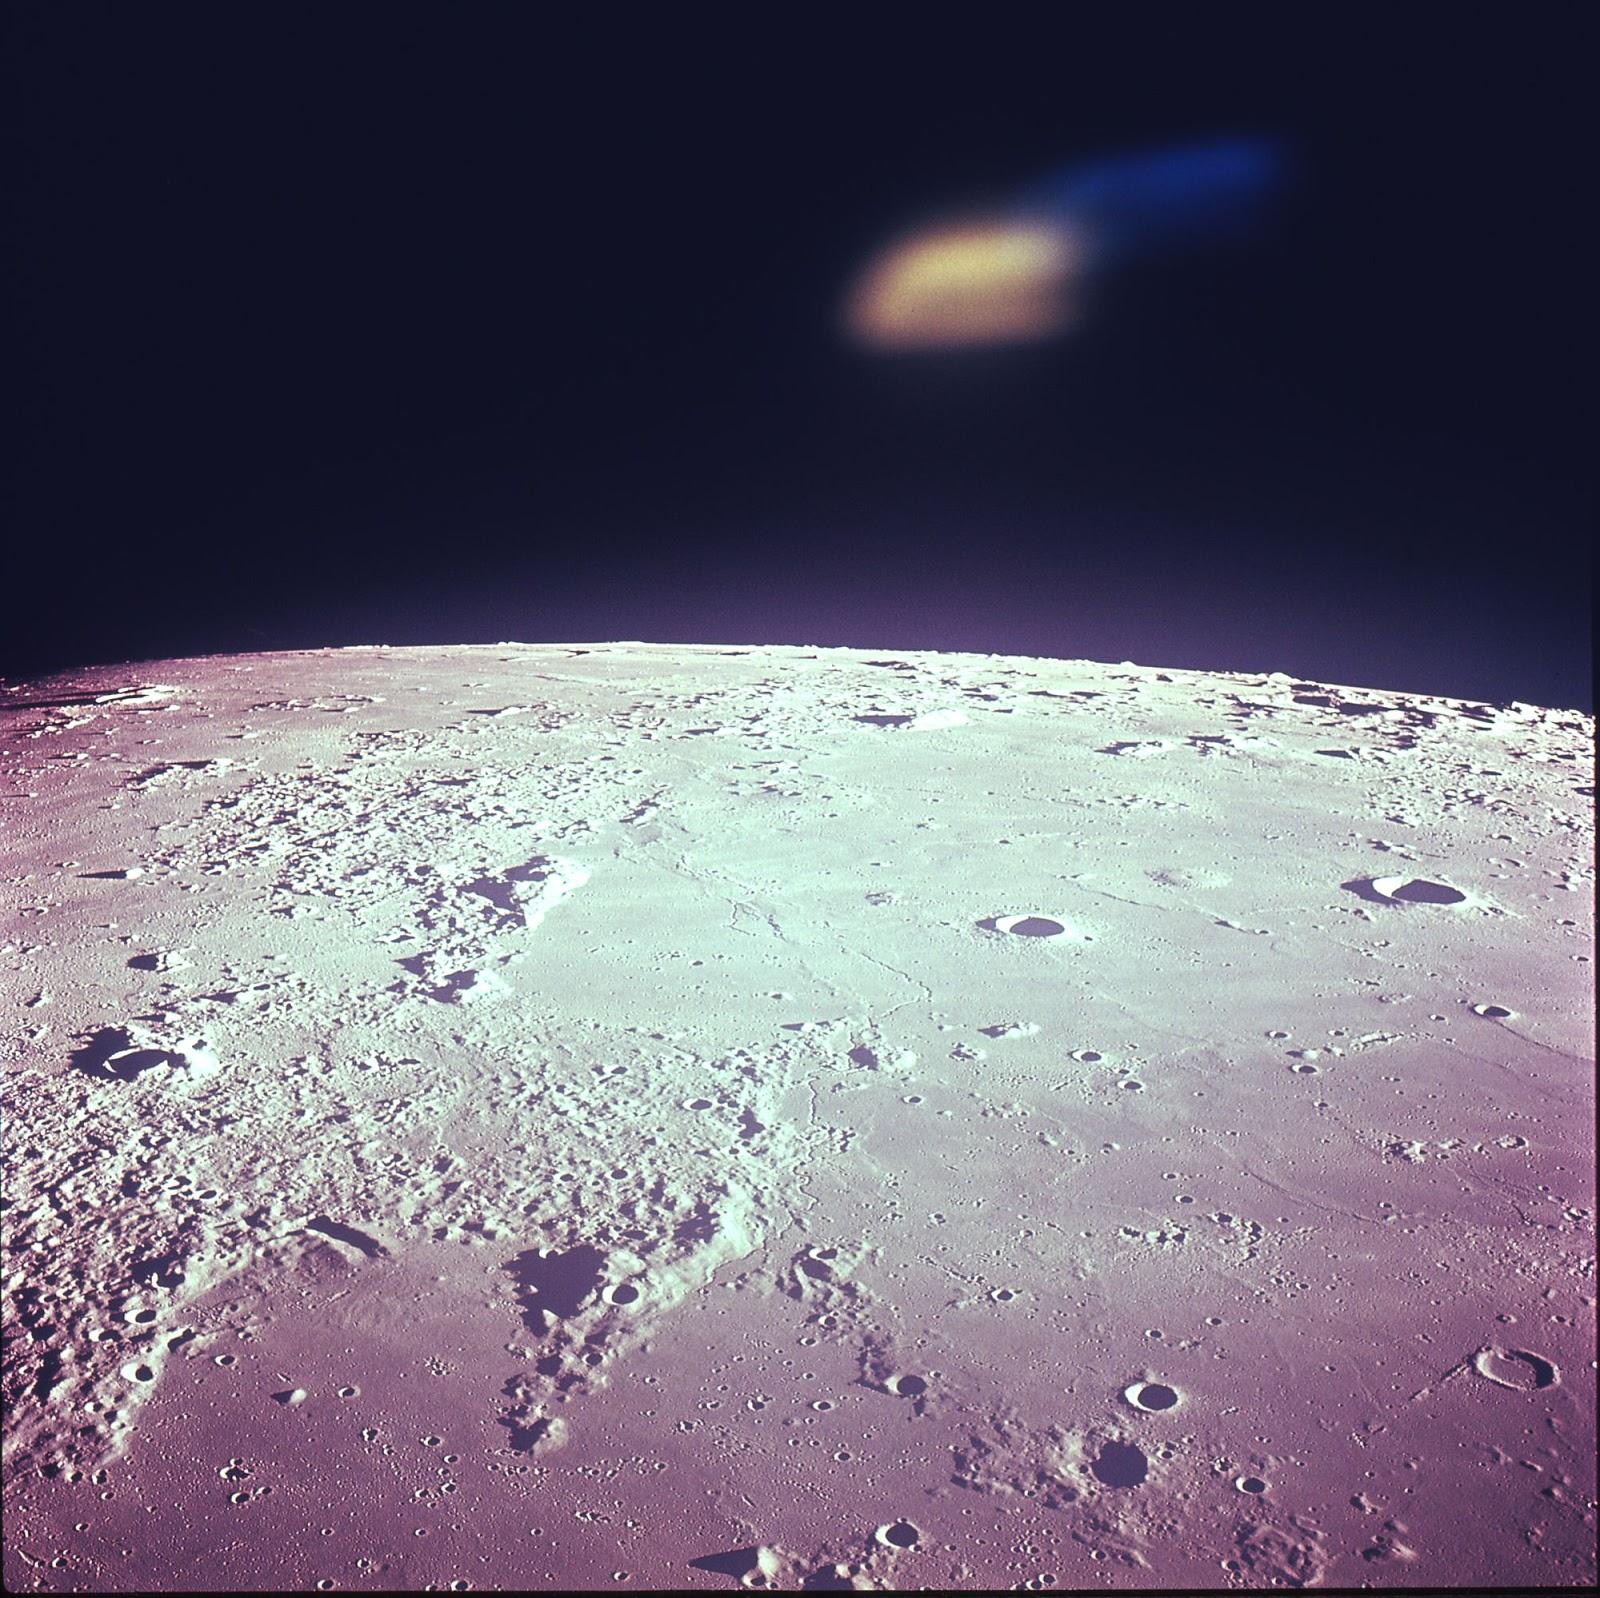 nasa moon sighting - photo #5